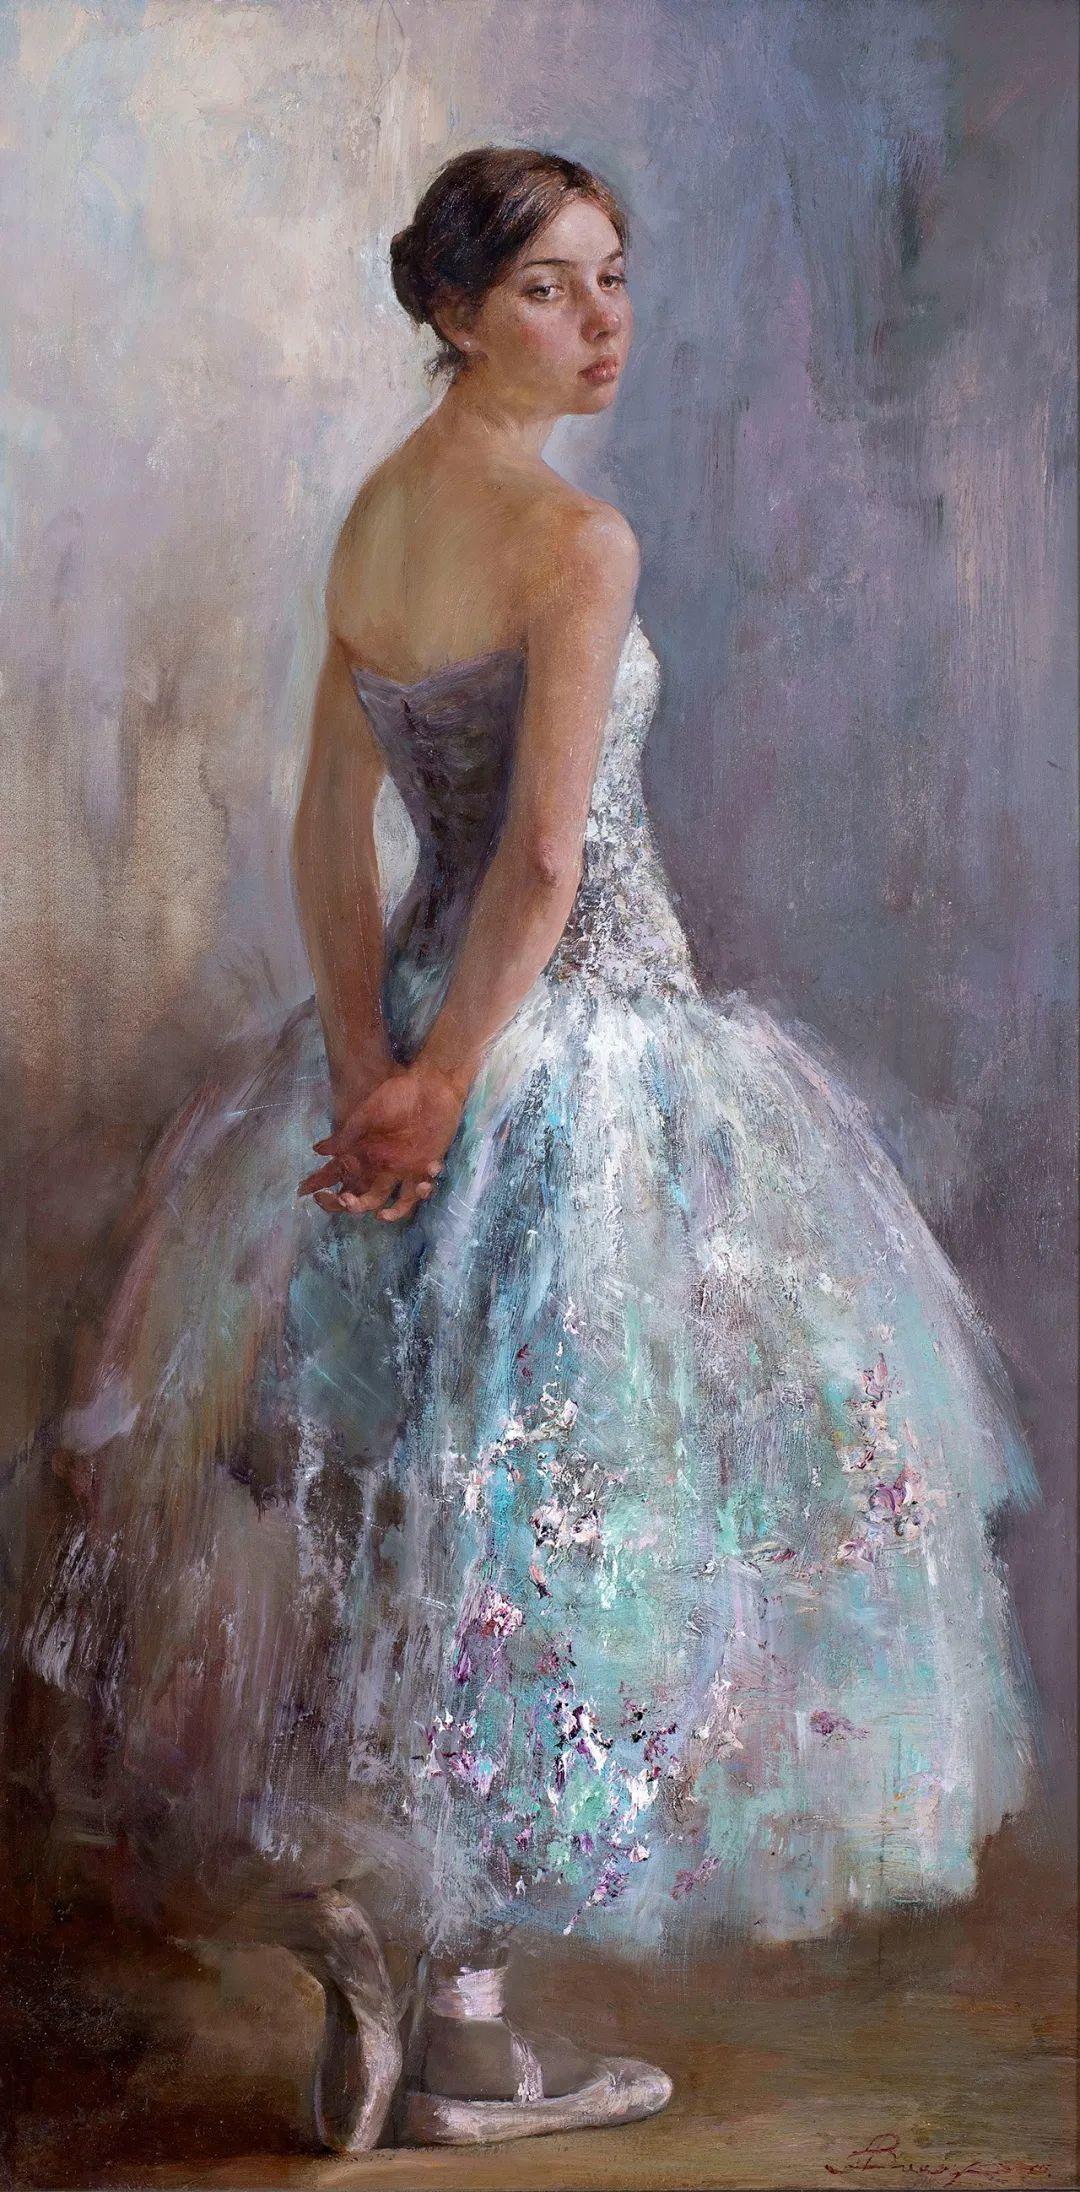 芭蕾舞蹈,俄罗斯女画家安娜·维诺加拉多娃插图3